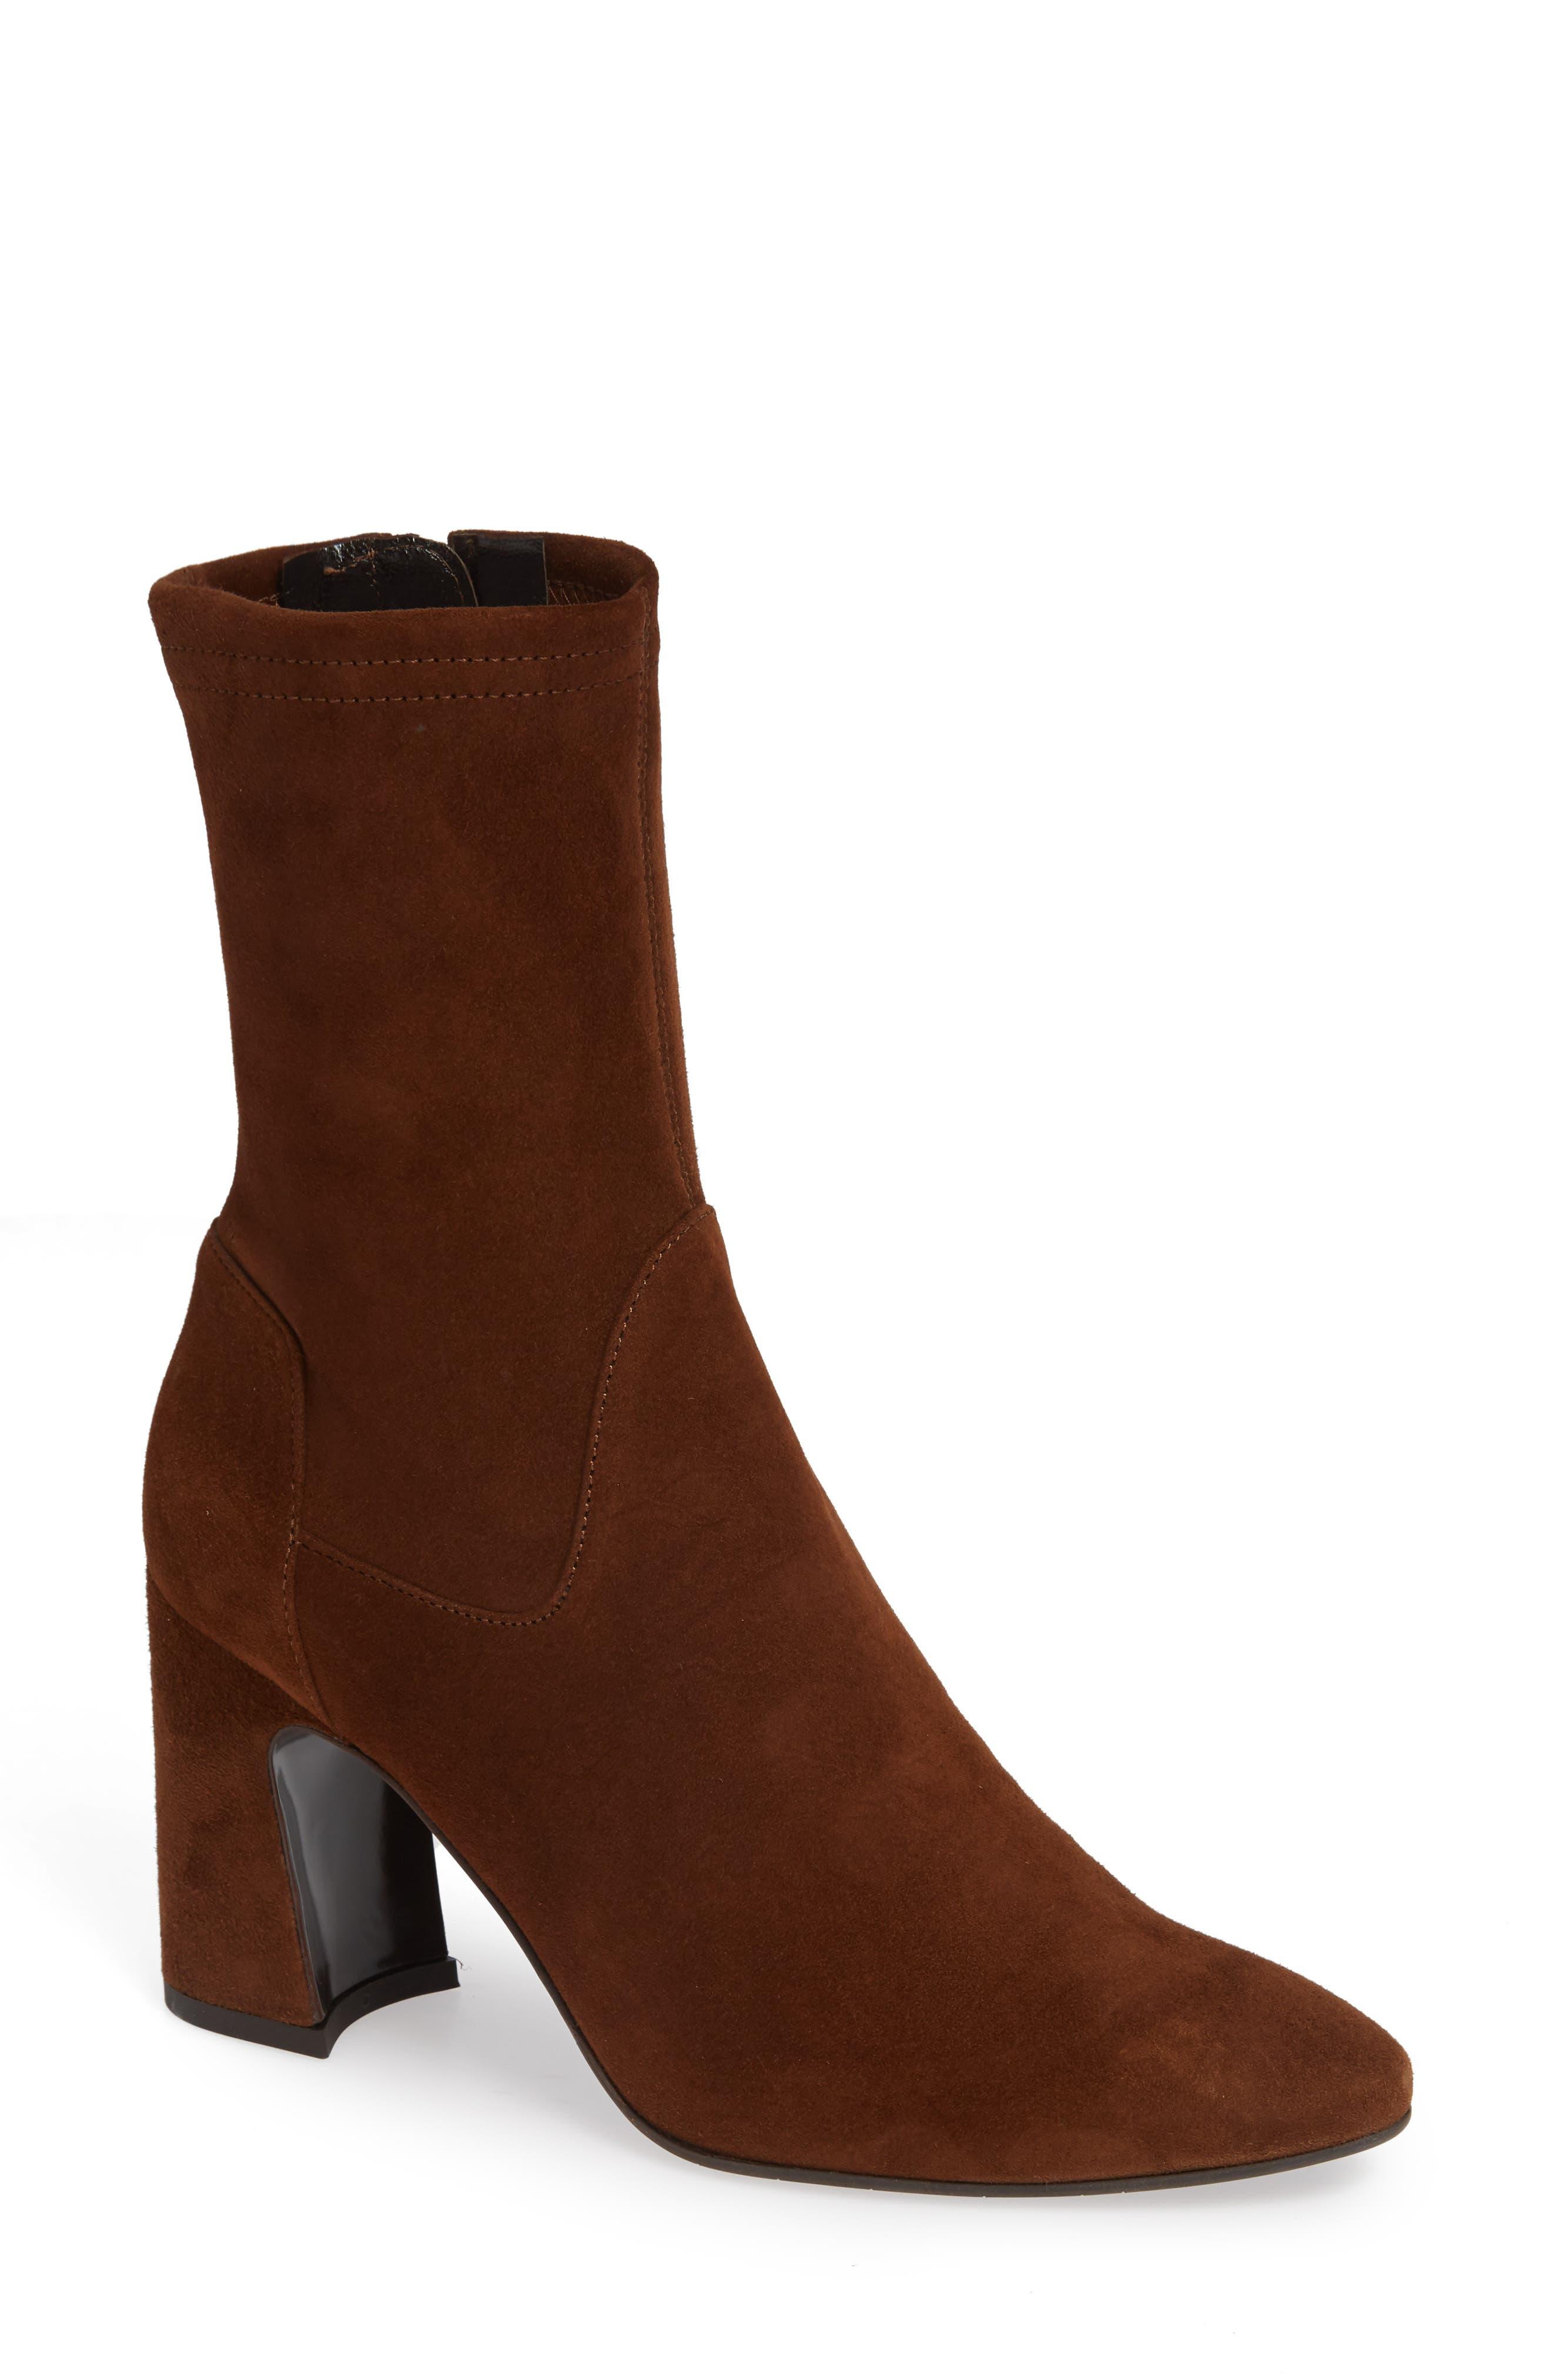 Aquatalia Nastasia Stretch Suede Boot, Brown